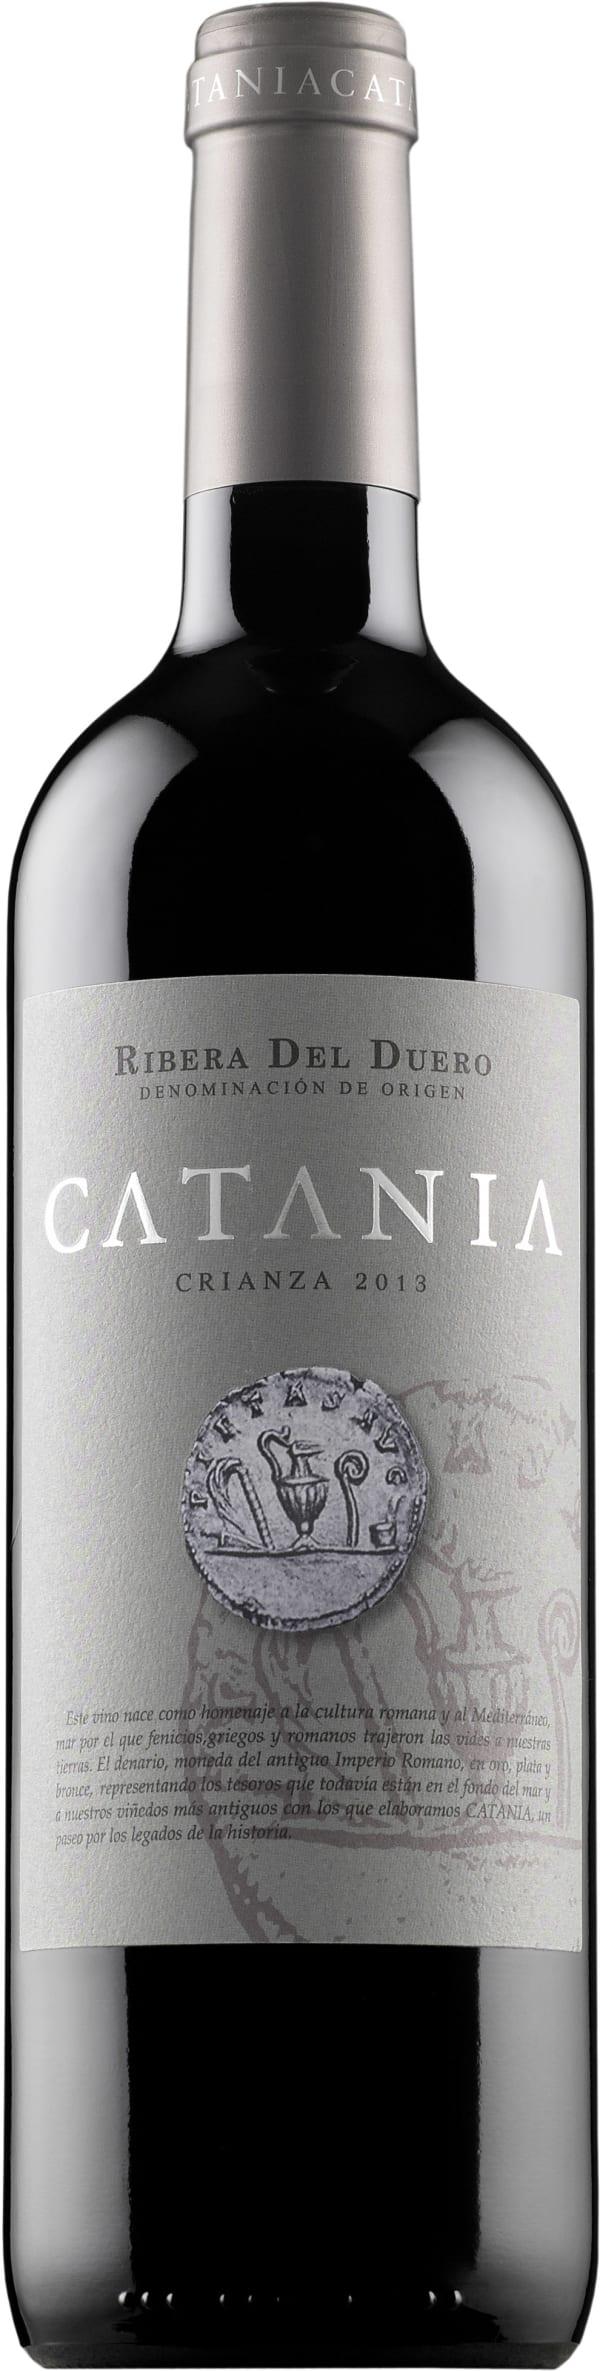 Catania Crianza 2013